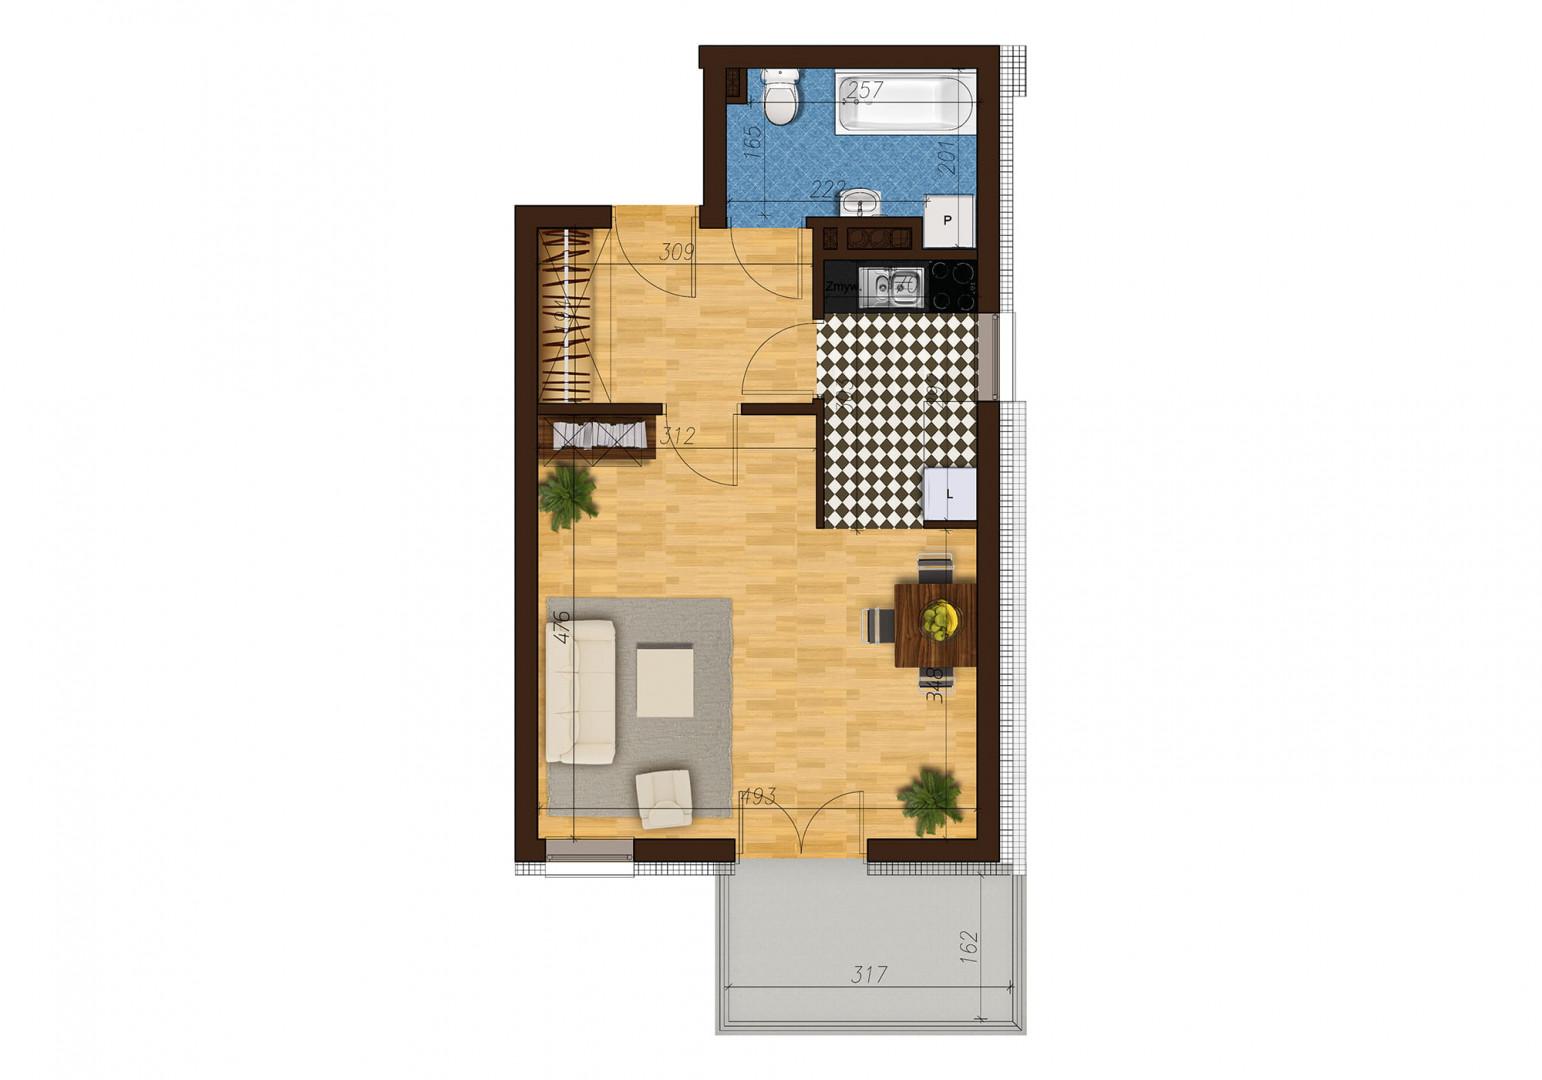 Mieszkanie jednopokojowe 33D/23 rzut 1